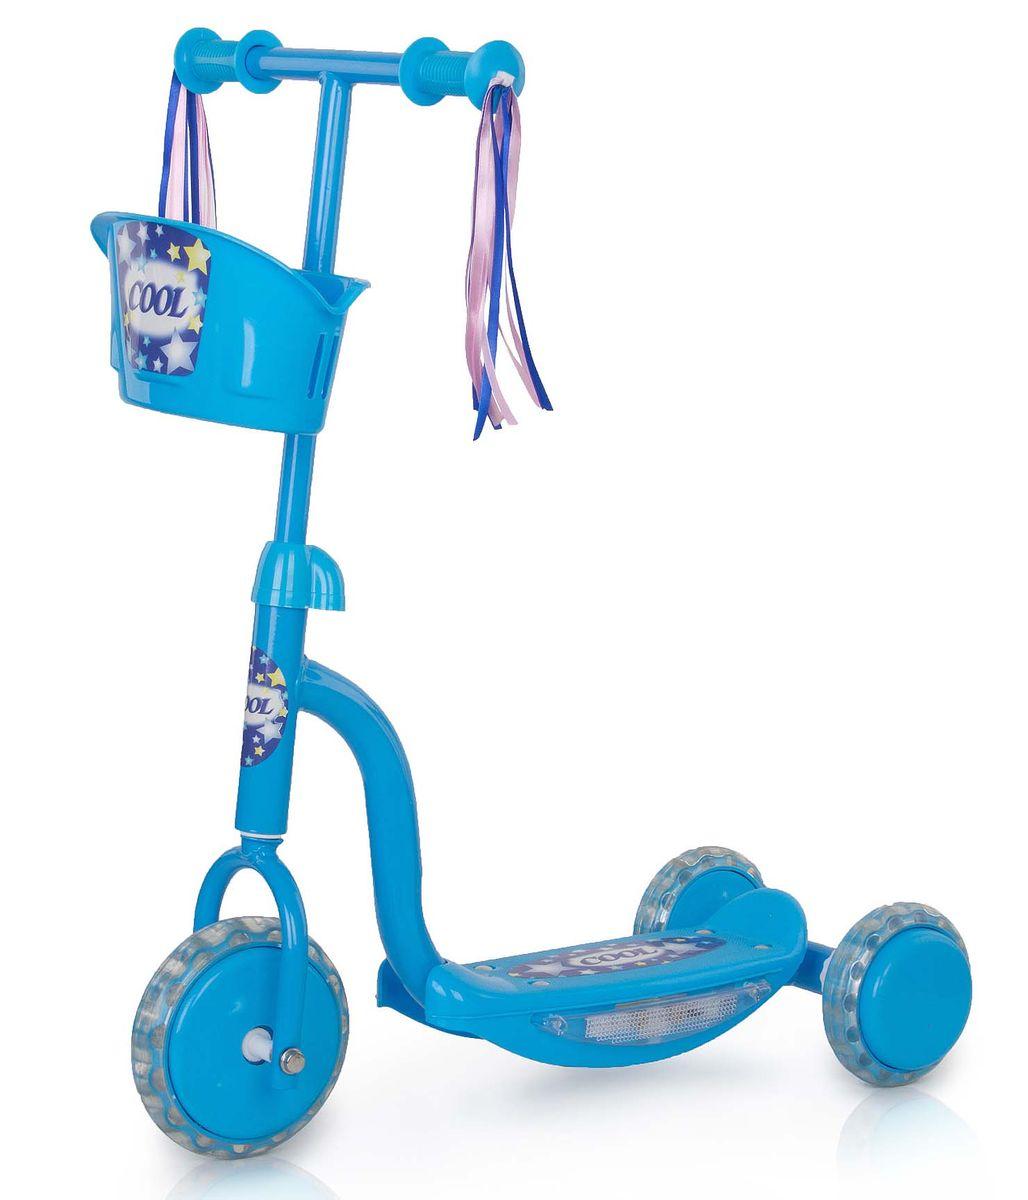 Самокат трехколесный Larsen Cool, цвет: голубой